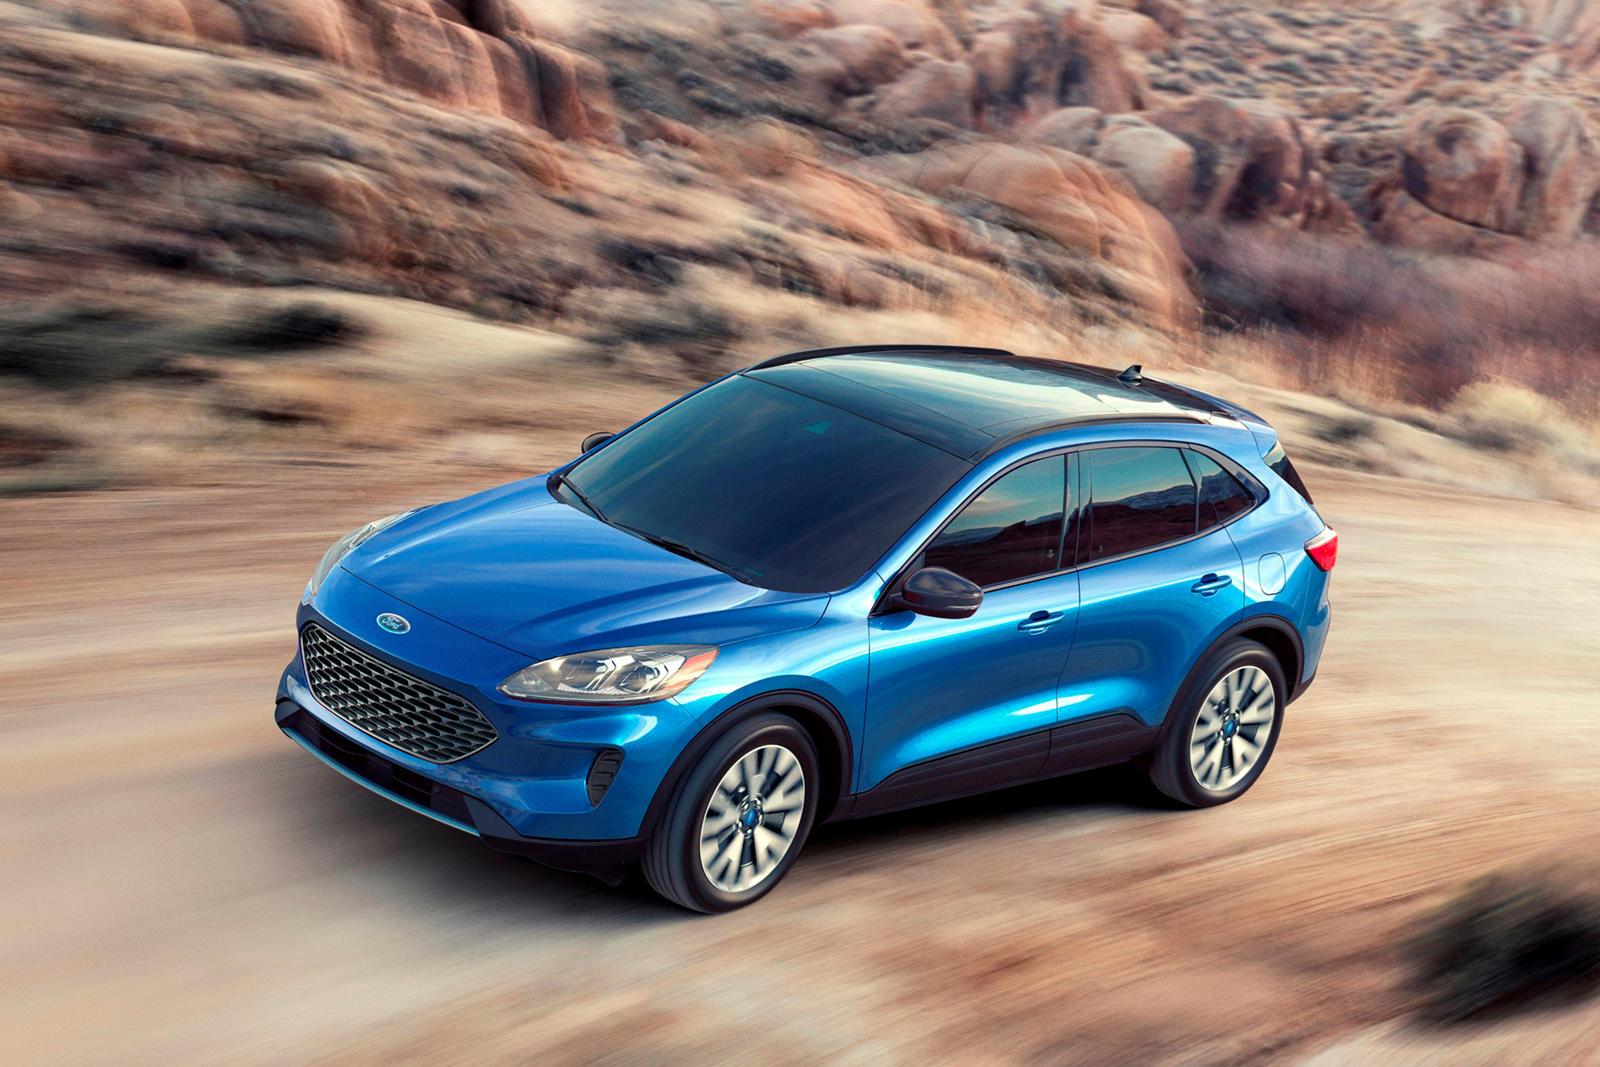 Ford Escape 2021 là sản phẩm nổi bật với nhiều thay đổi ấn tượng